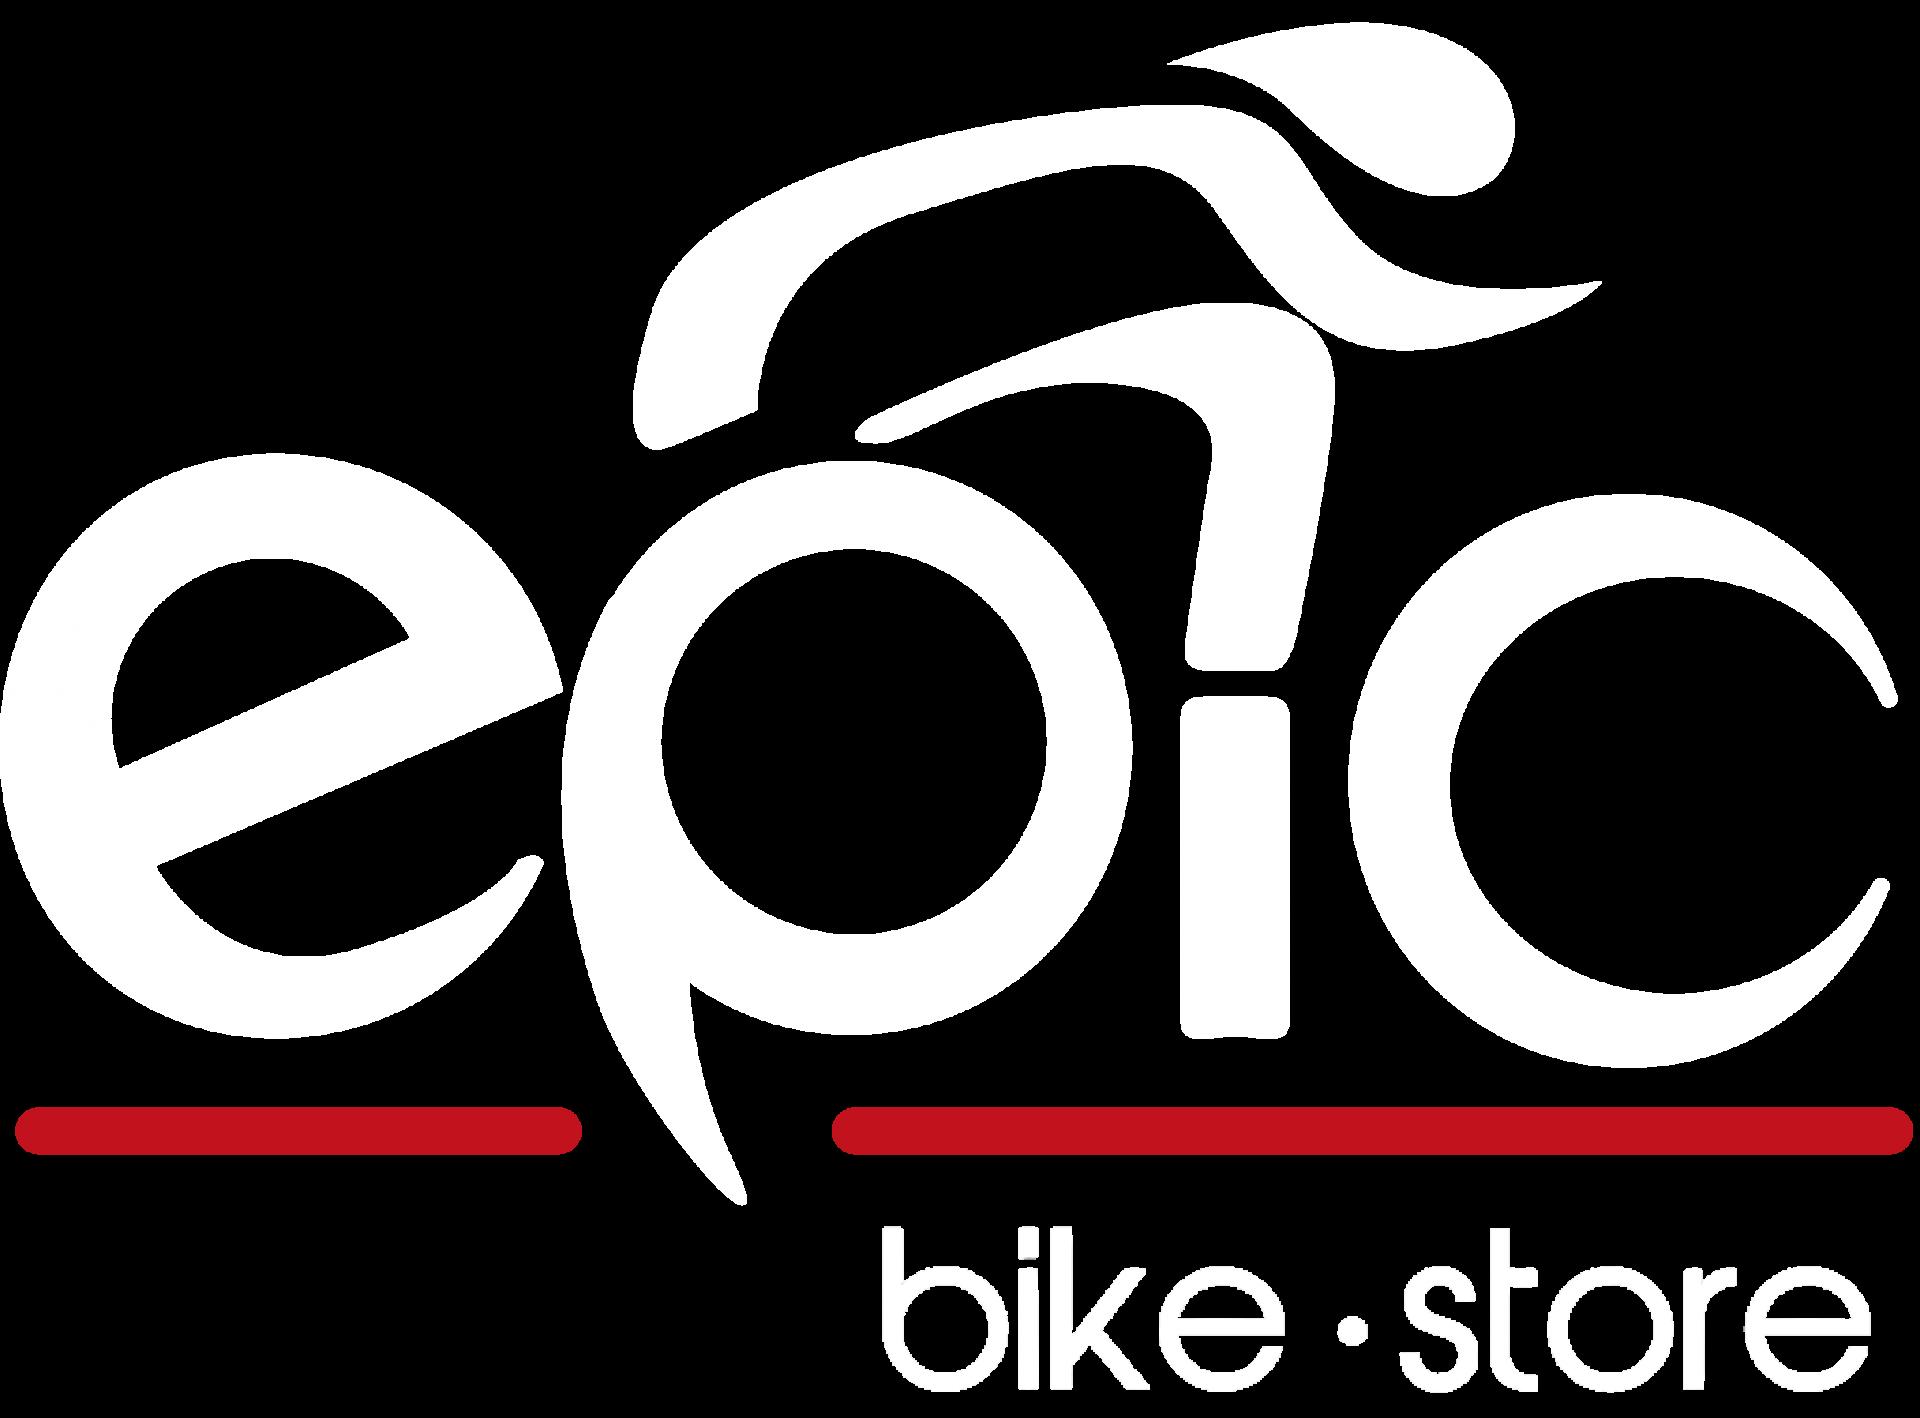 EPIC BIKE STORE